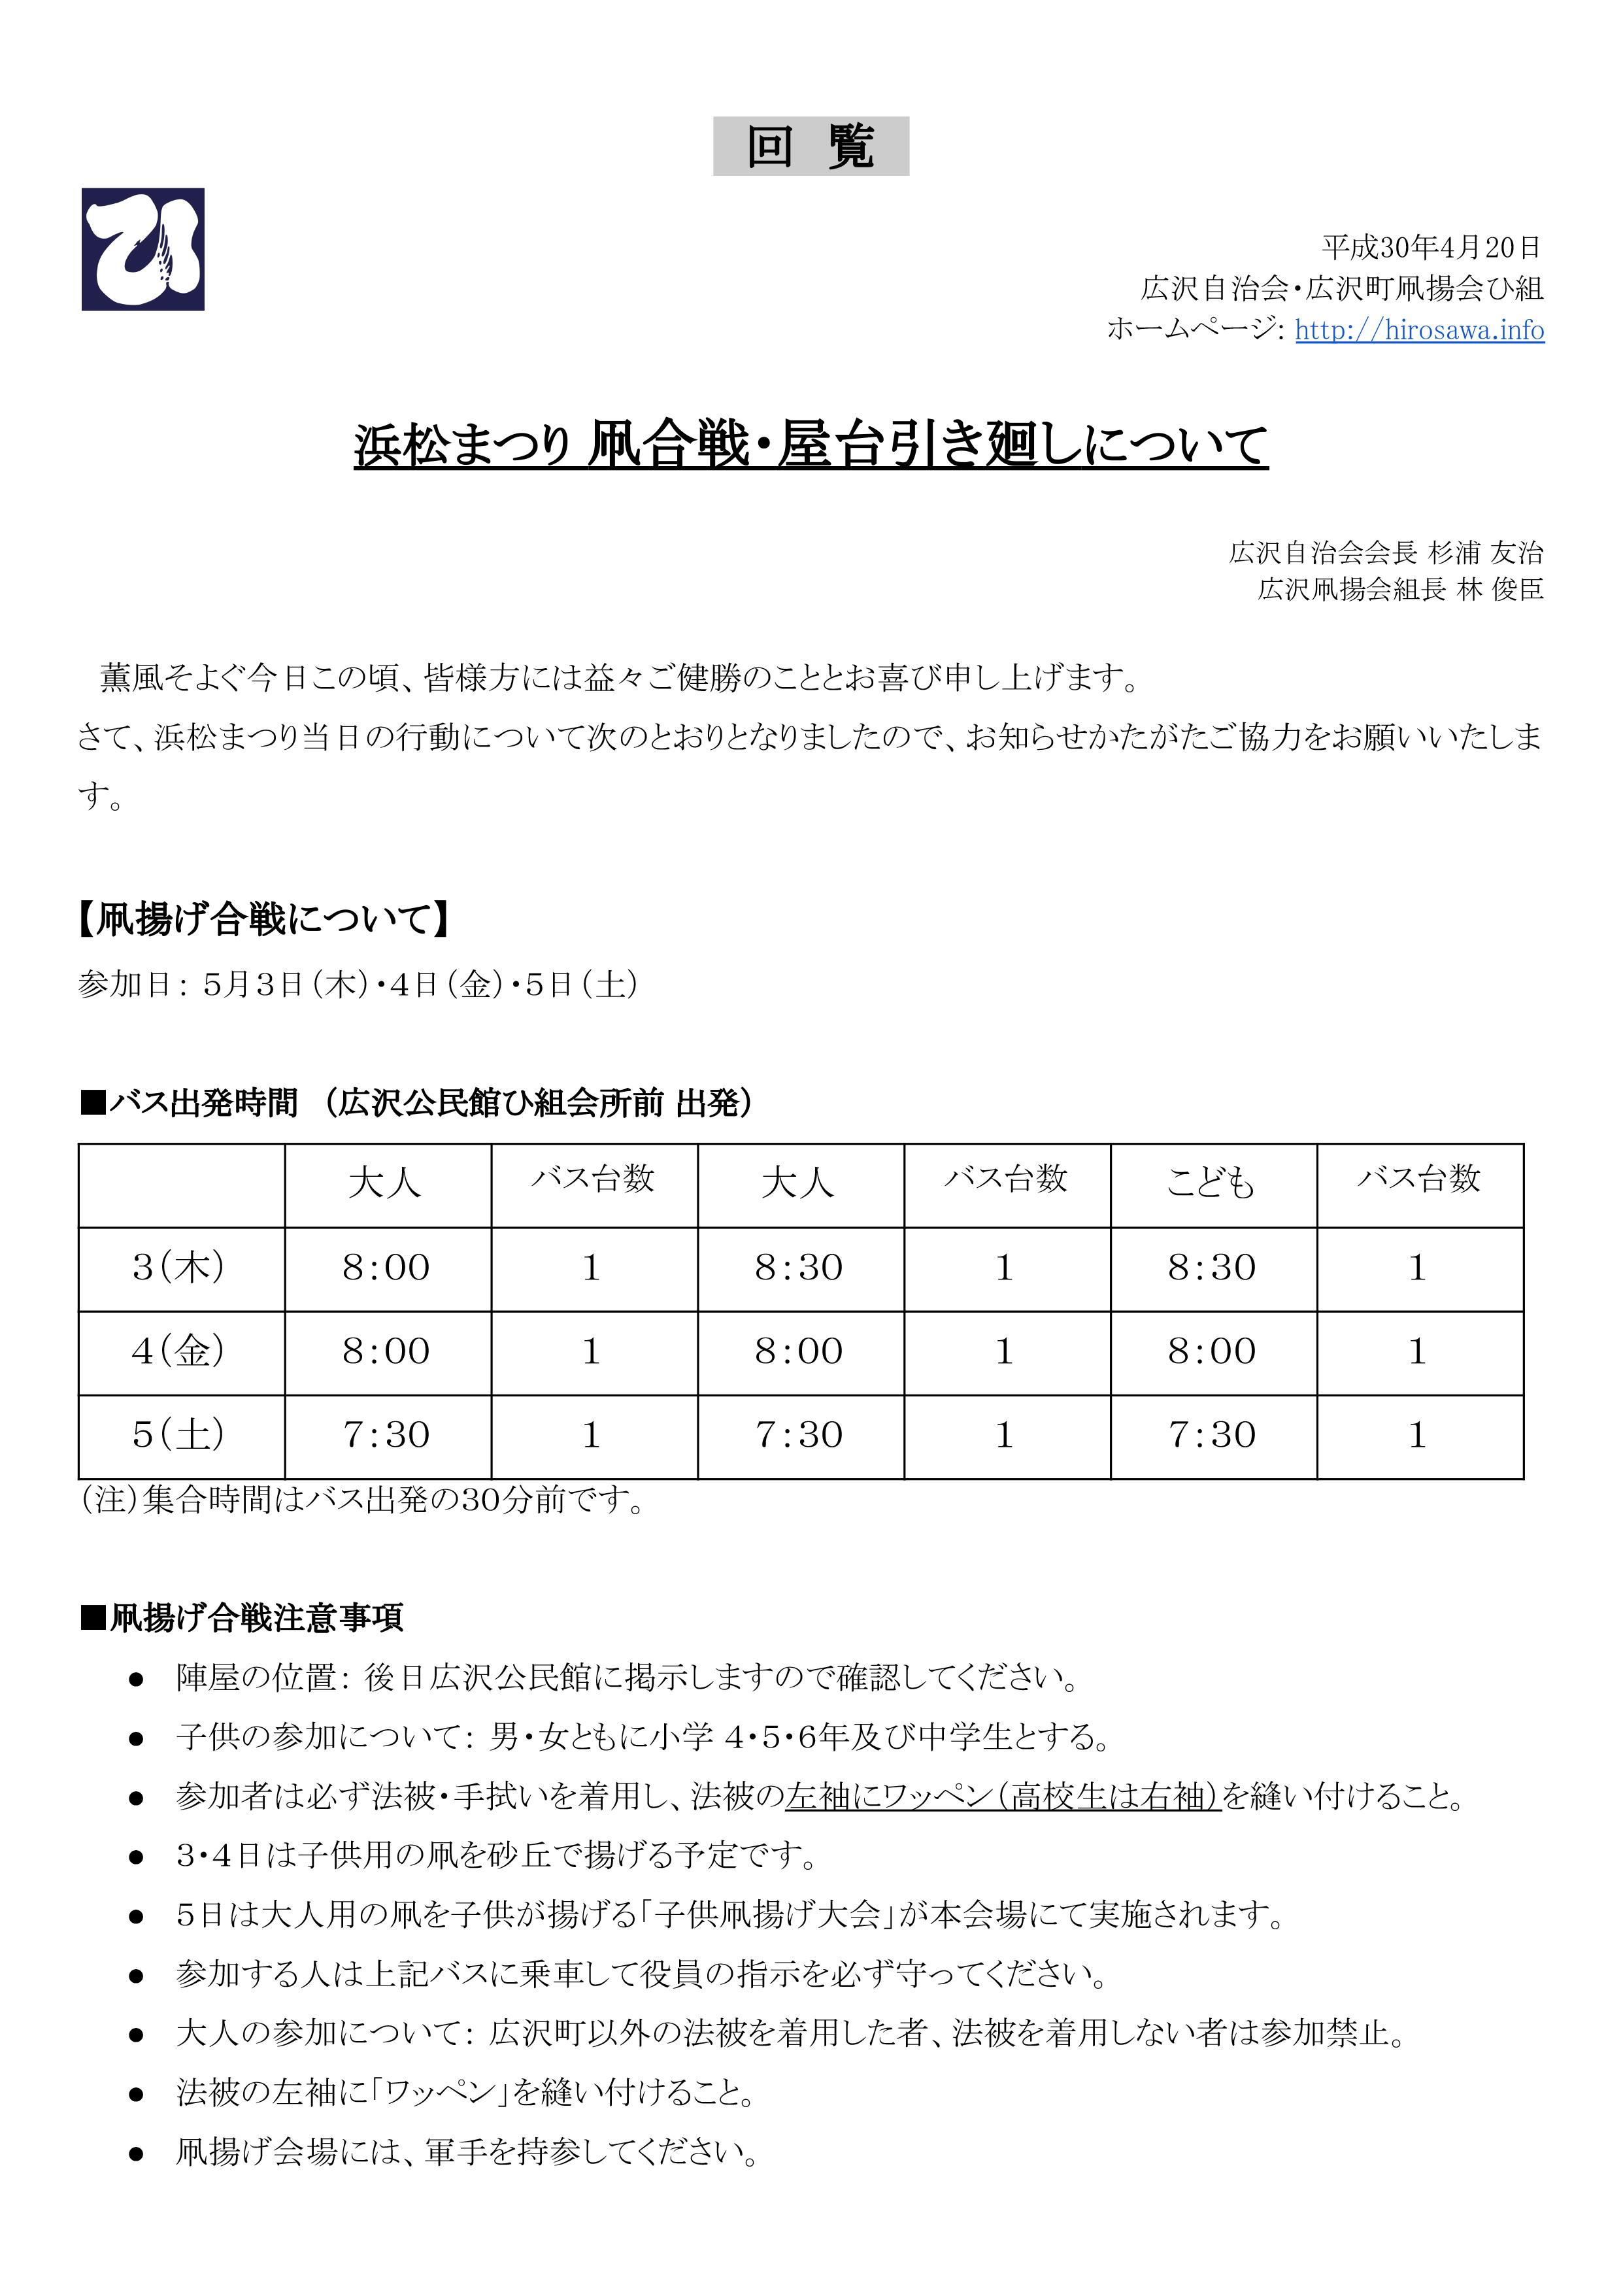 【回覧資料 平成30年4月20日】浜松まつり 凧合戦・屋台引き廻しについ